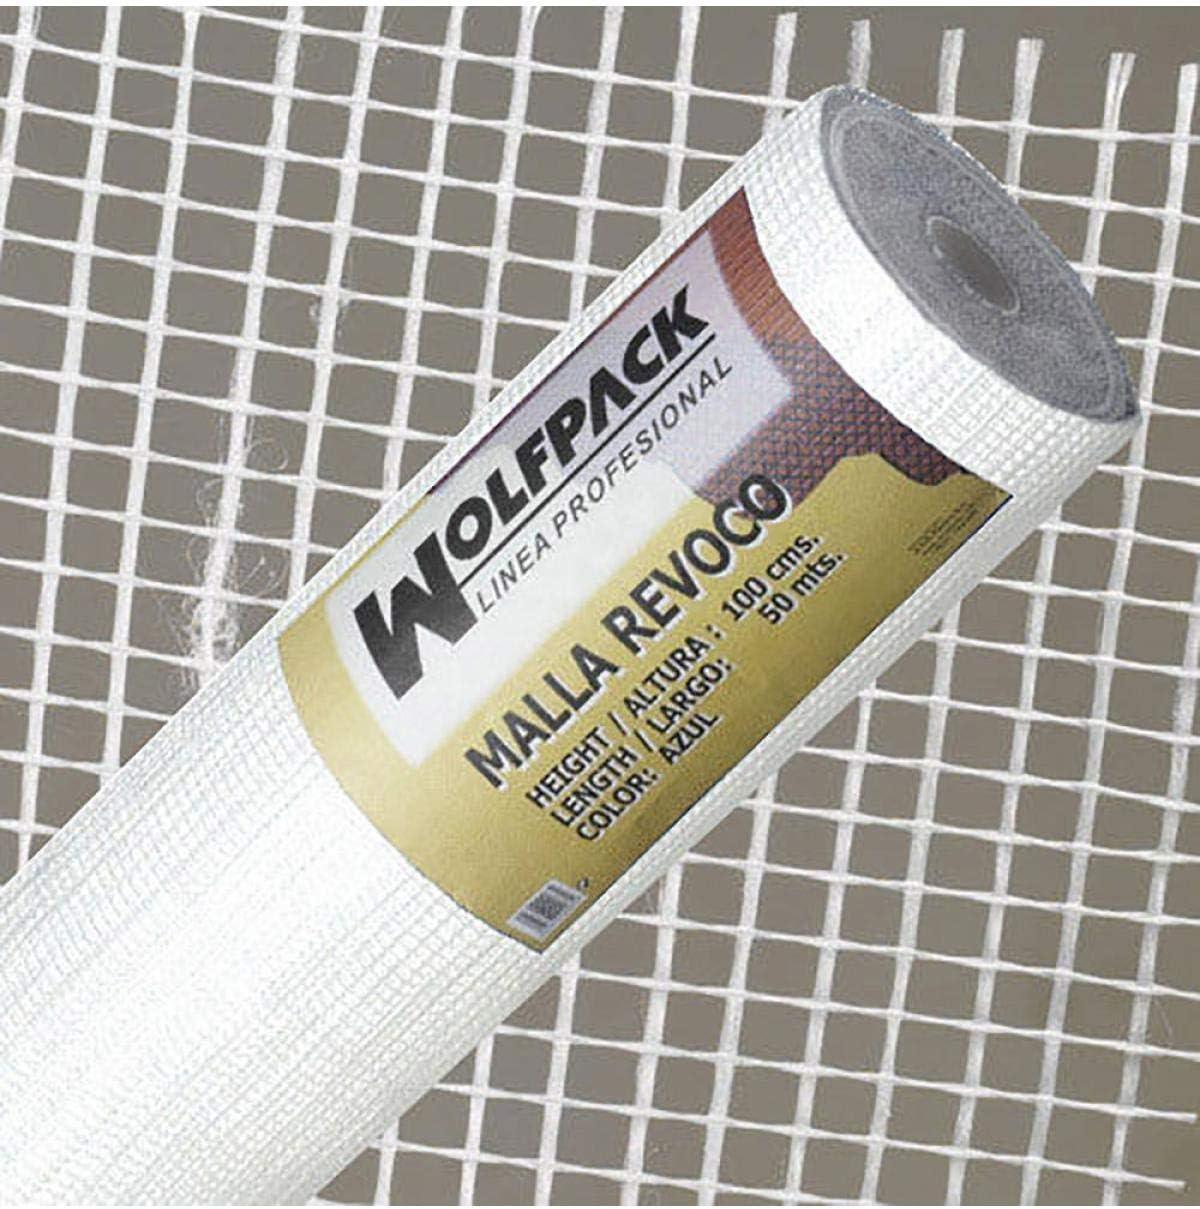 WOLFPACK LINEA PROFESIONAL 1202105 Malla Revoco Blanca Rollo 50 mt. x 1metro / 4 x 4,5 mm